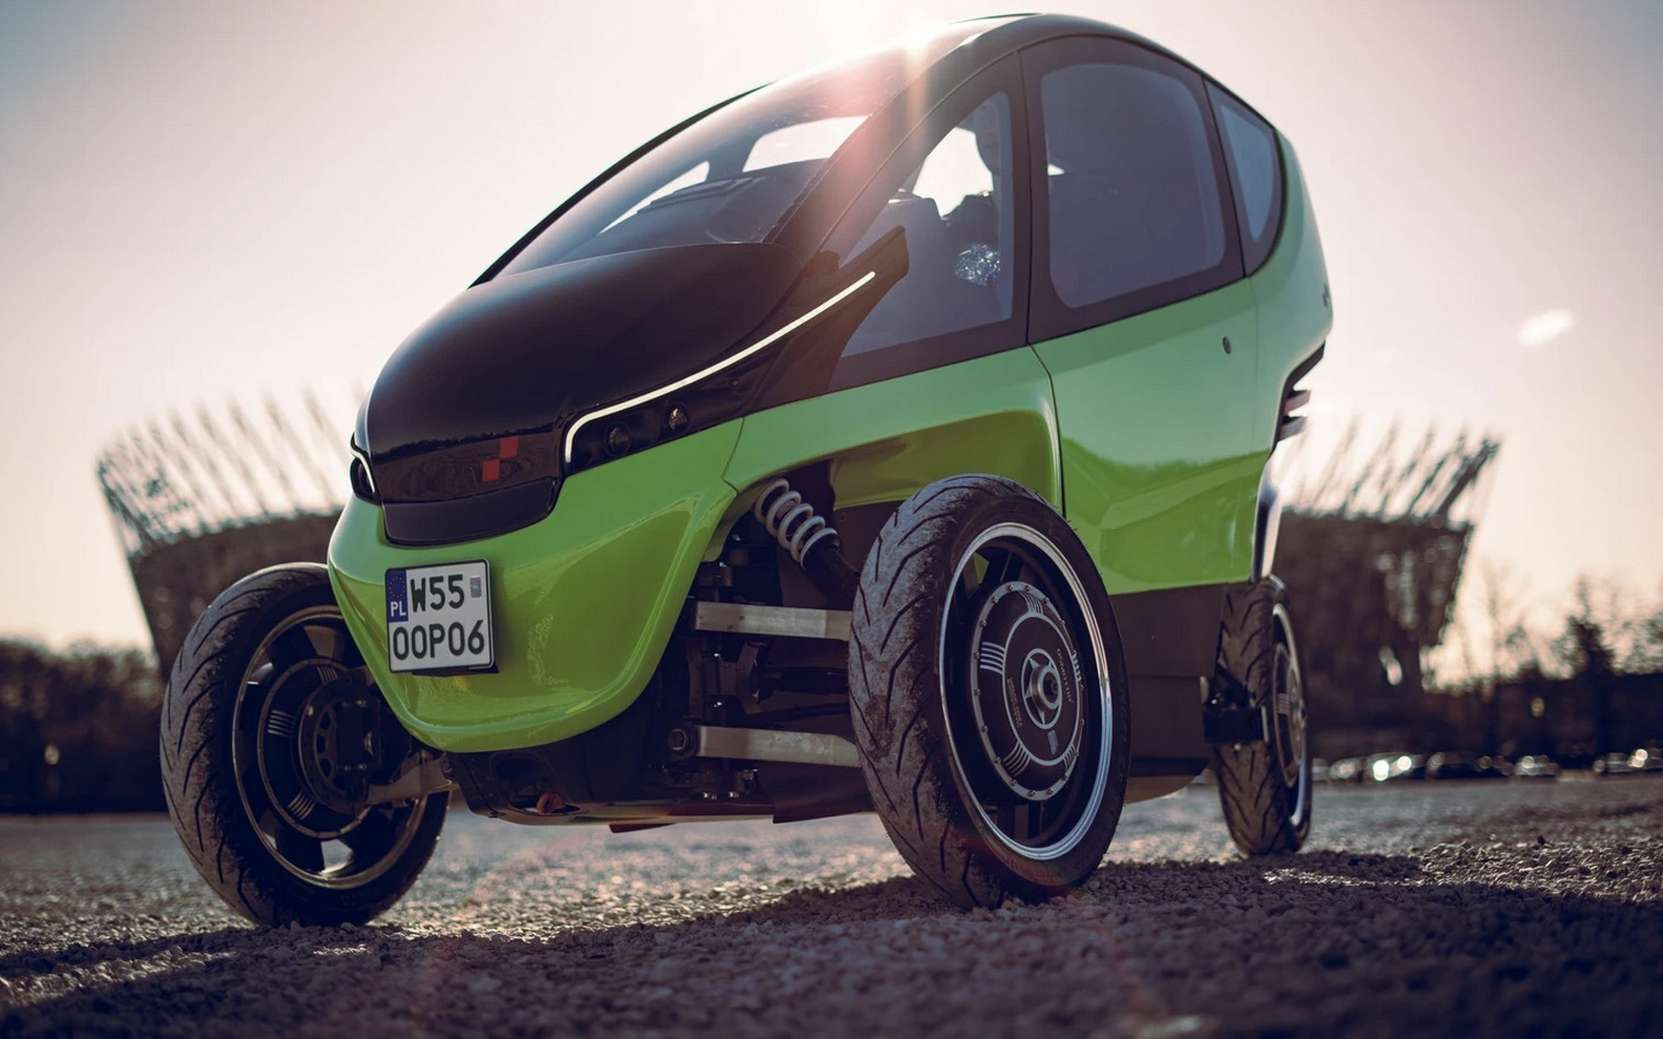 La microvoiture électrique Triggo pourrait séduire une clientèle jeune et urbaine qui n'a pas besoin d'une voiture classique pour ses trajets quotidiens. © Triggo